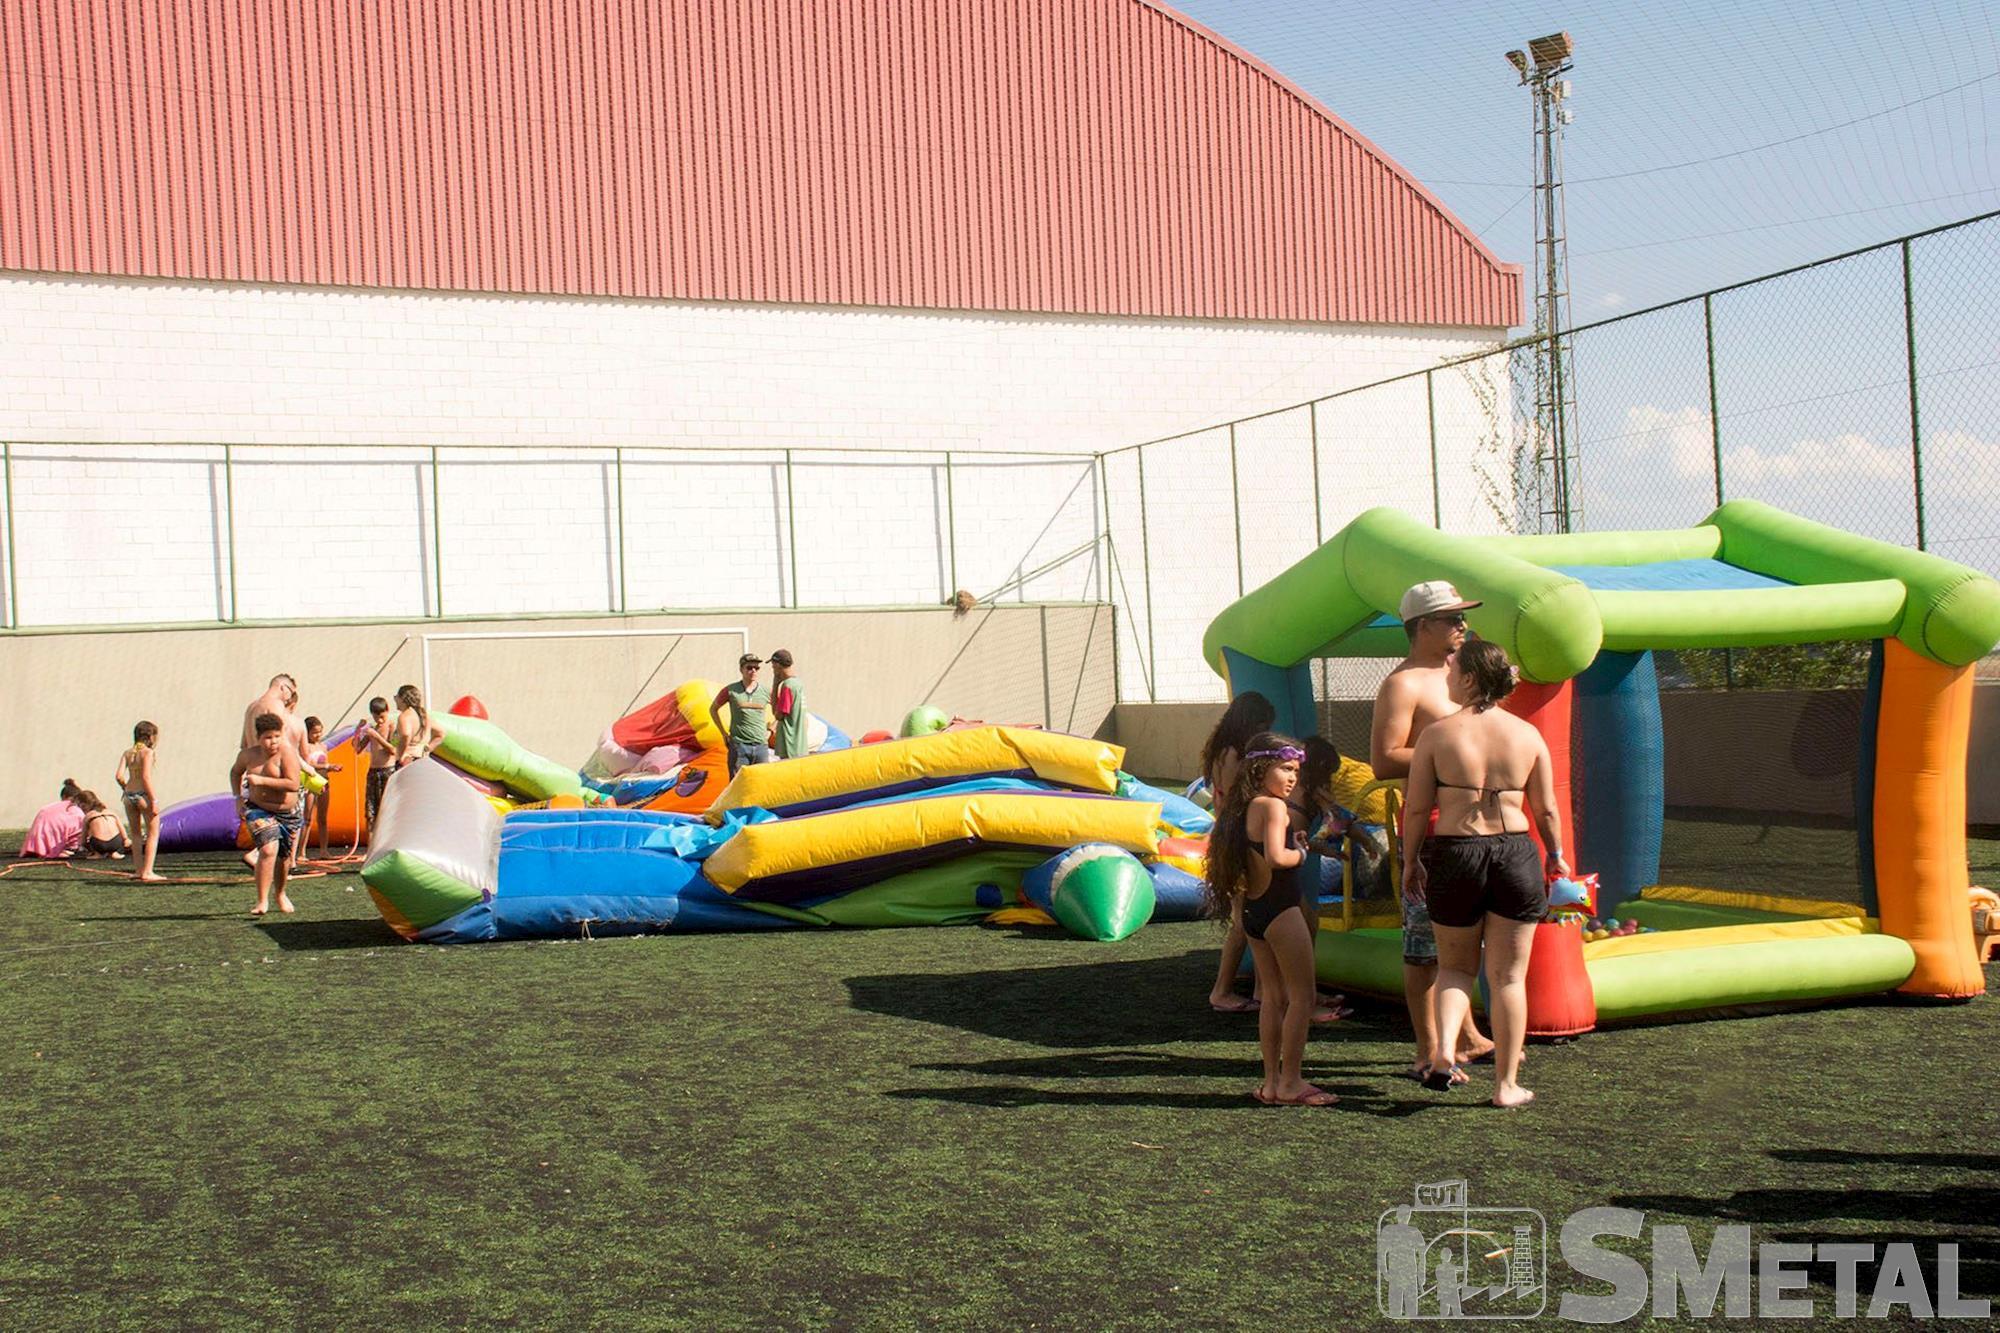 Dia das Crianças no Clube de Campo, clube,  campo,  criança,  festa,  atrações, Foguinho/Imprensa SMetal, Dia das Crianças foi comemorado com muitas atrações no Clube de Campo